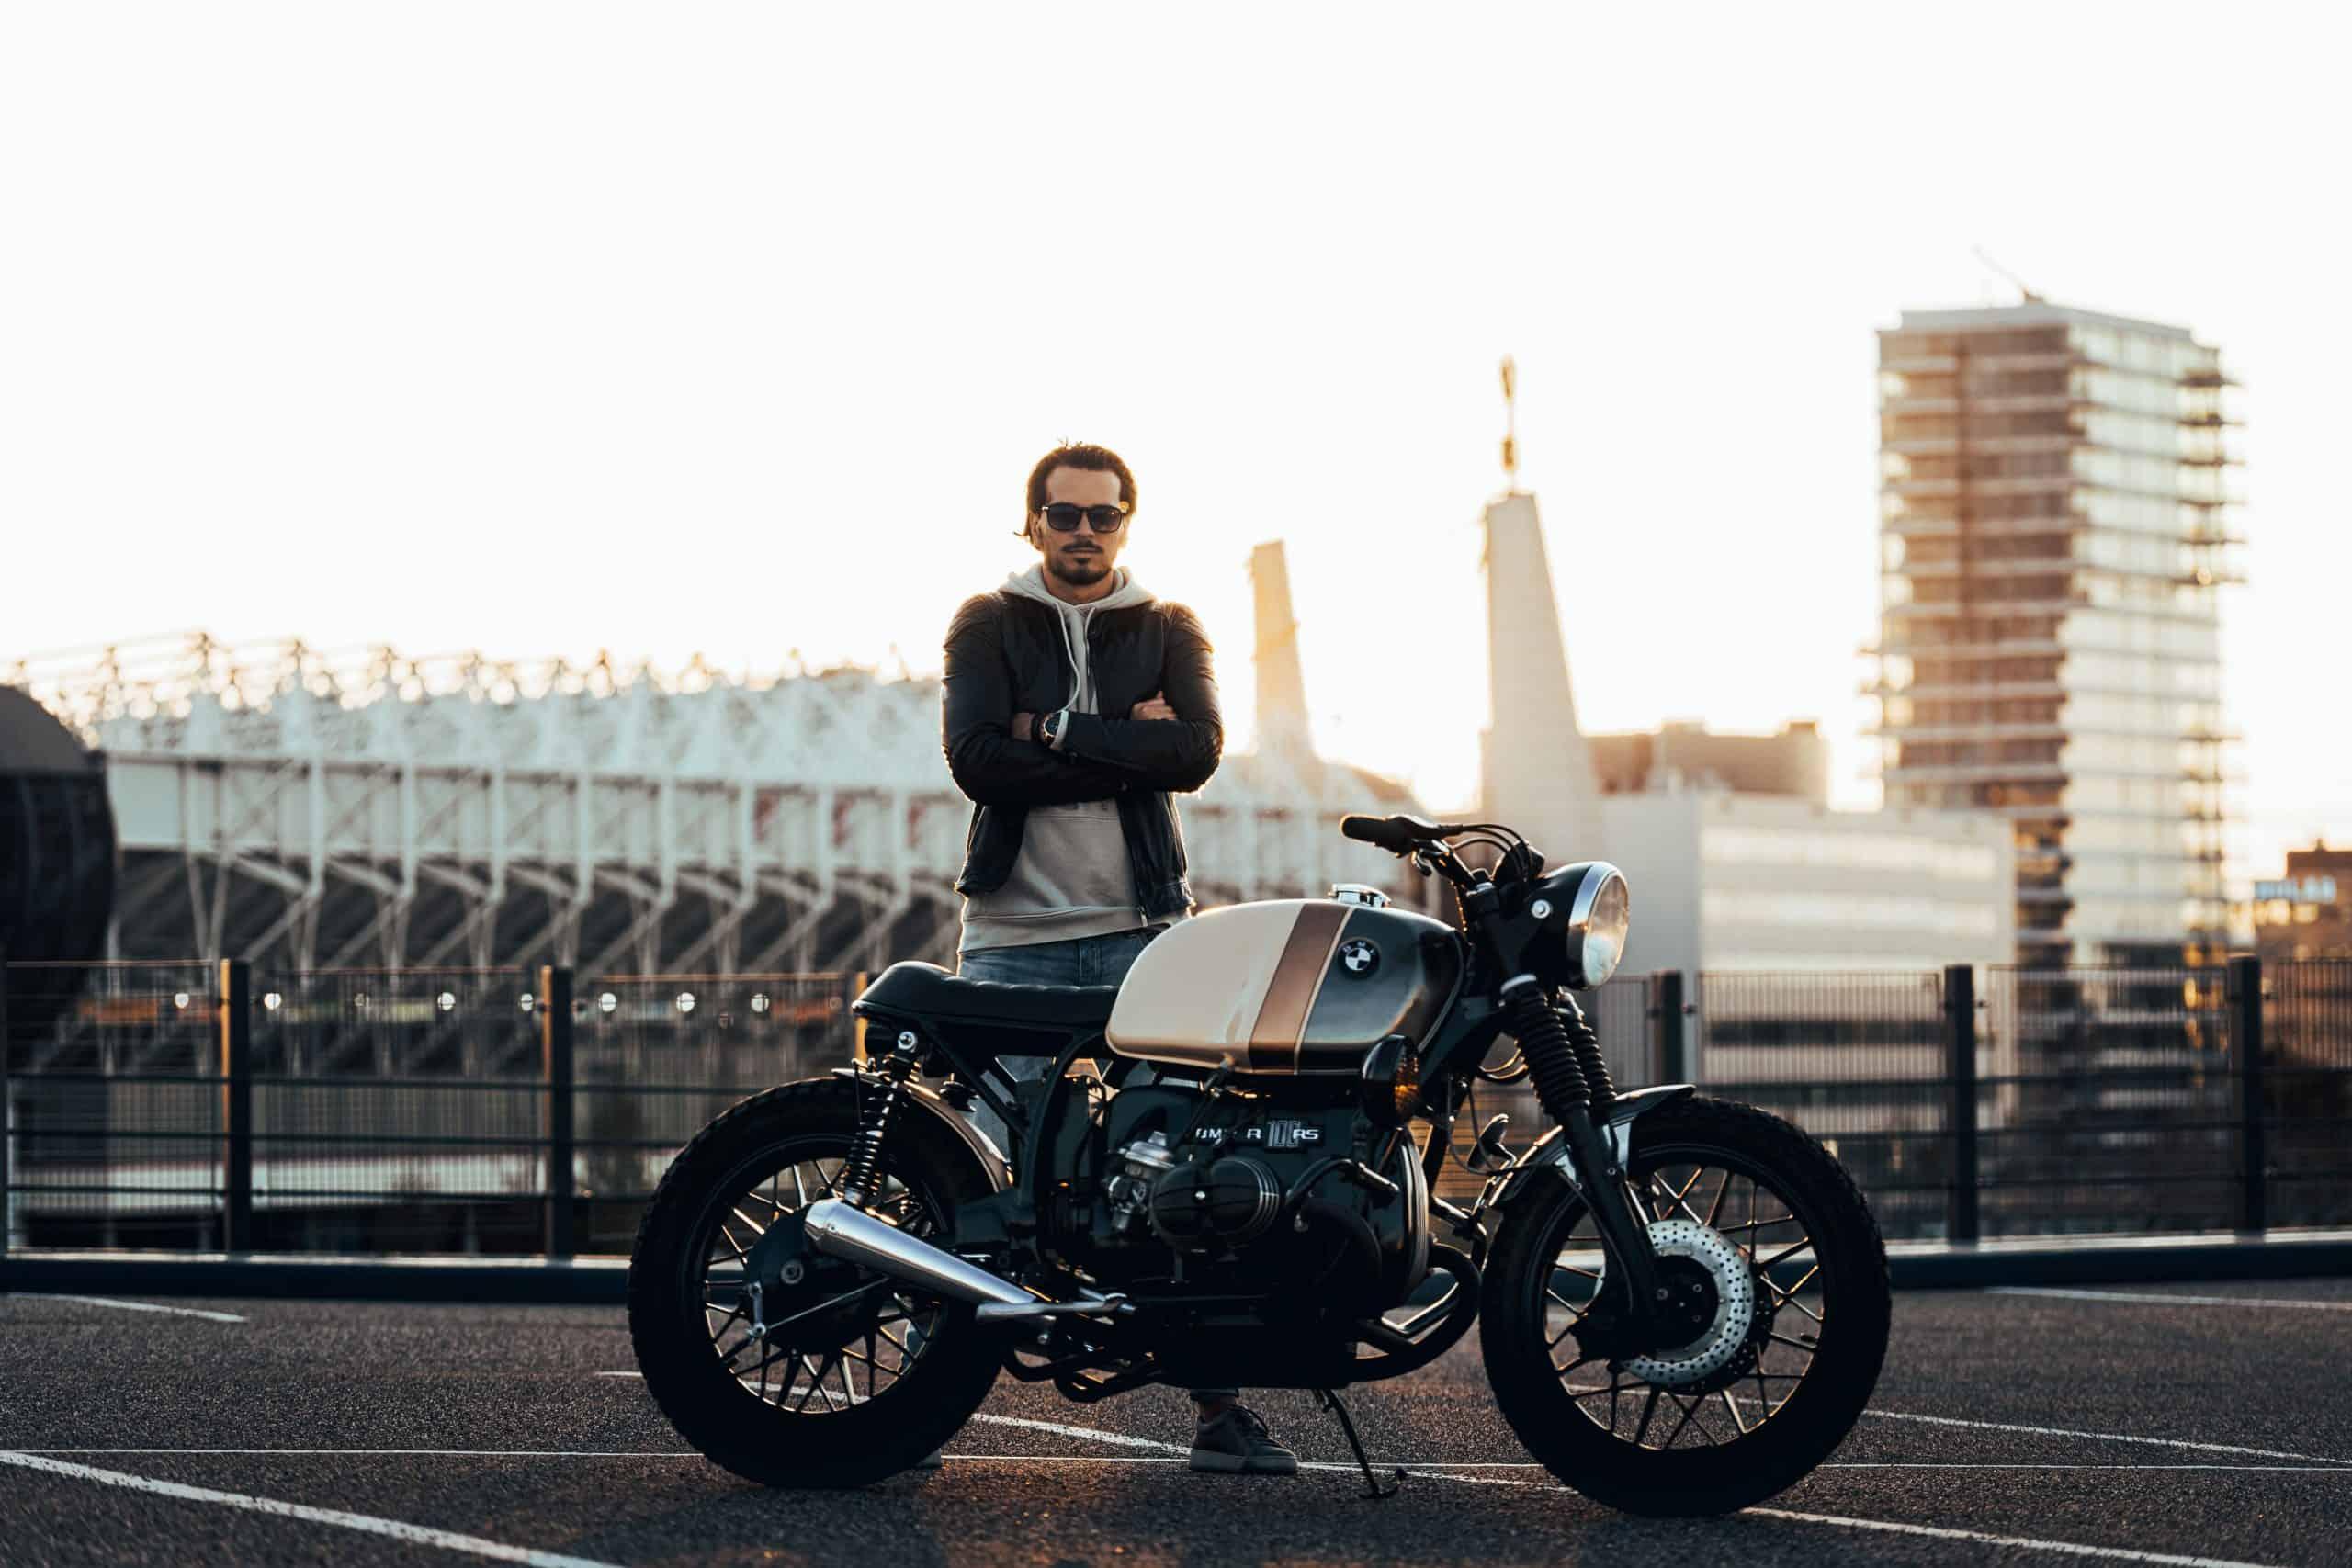 Motocykle turystyczne od BMW – tym pojedziesz w podróż!